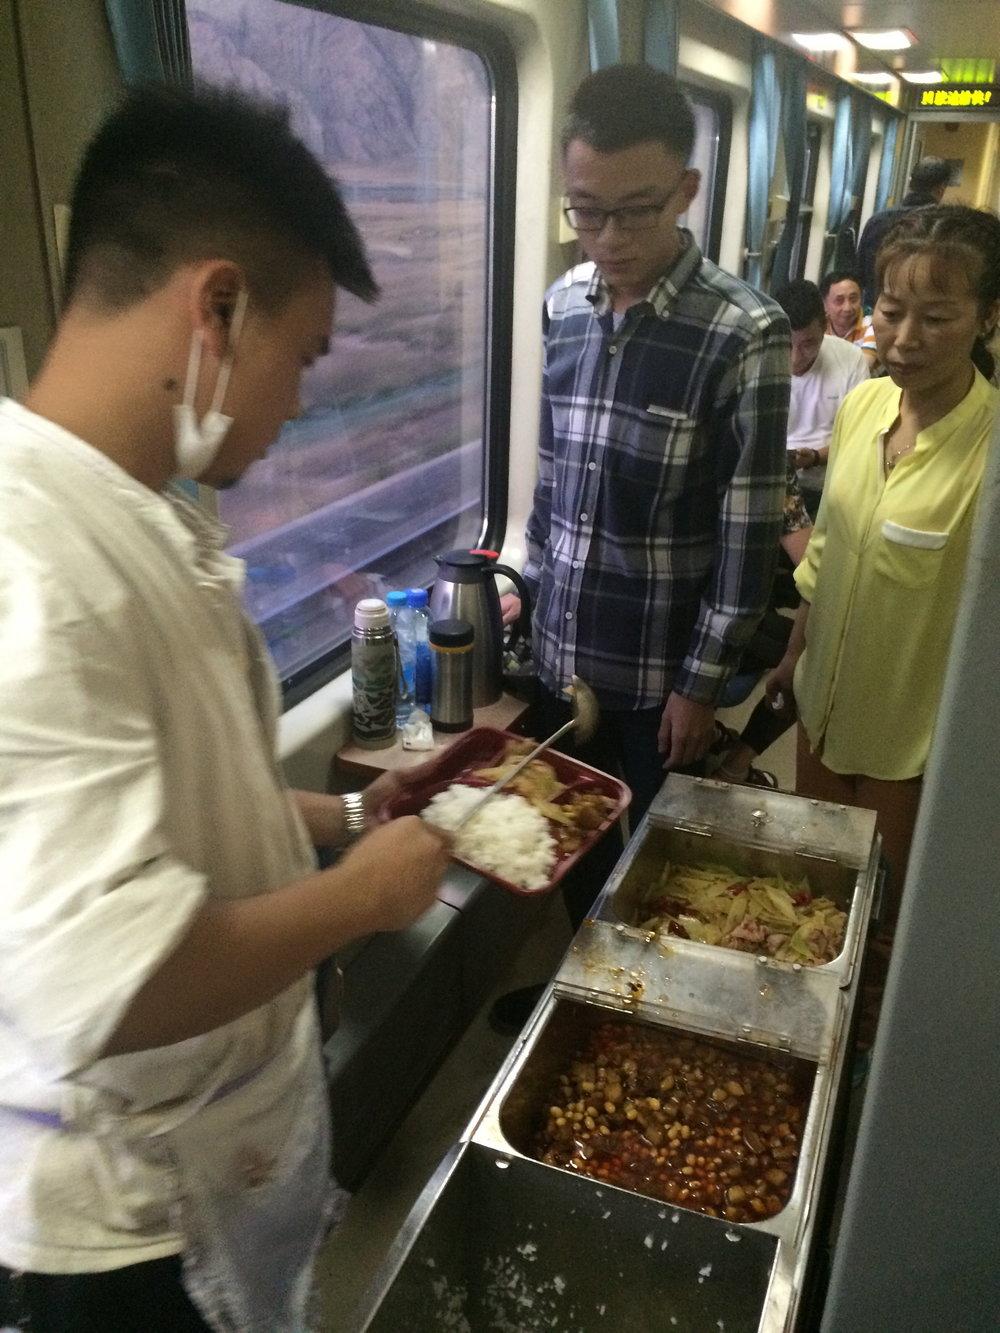 单身客或不想到餐厅用餐,可购买餐饮车的餐盒,但选择不多,而且来到你的车厢,饭菜也可能已经凉了。